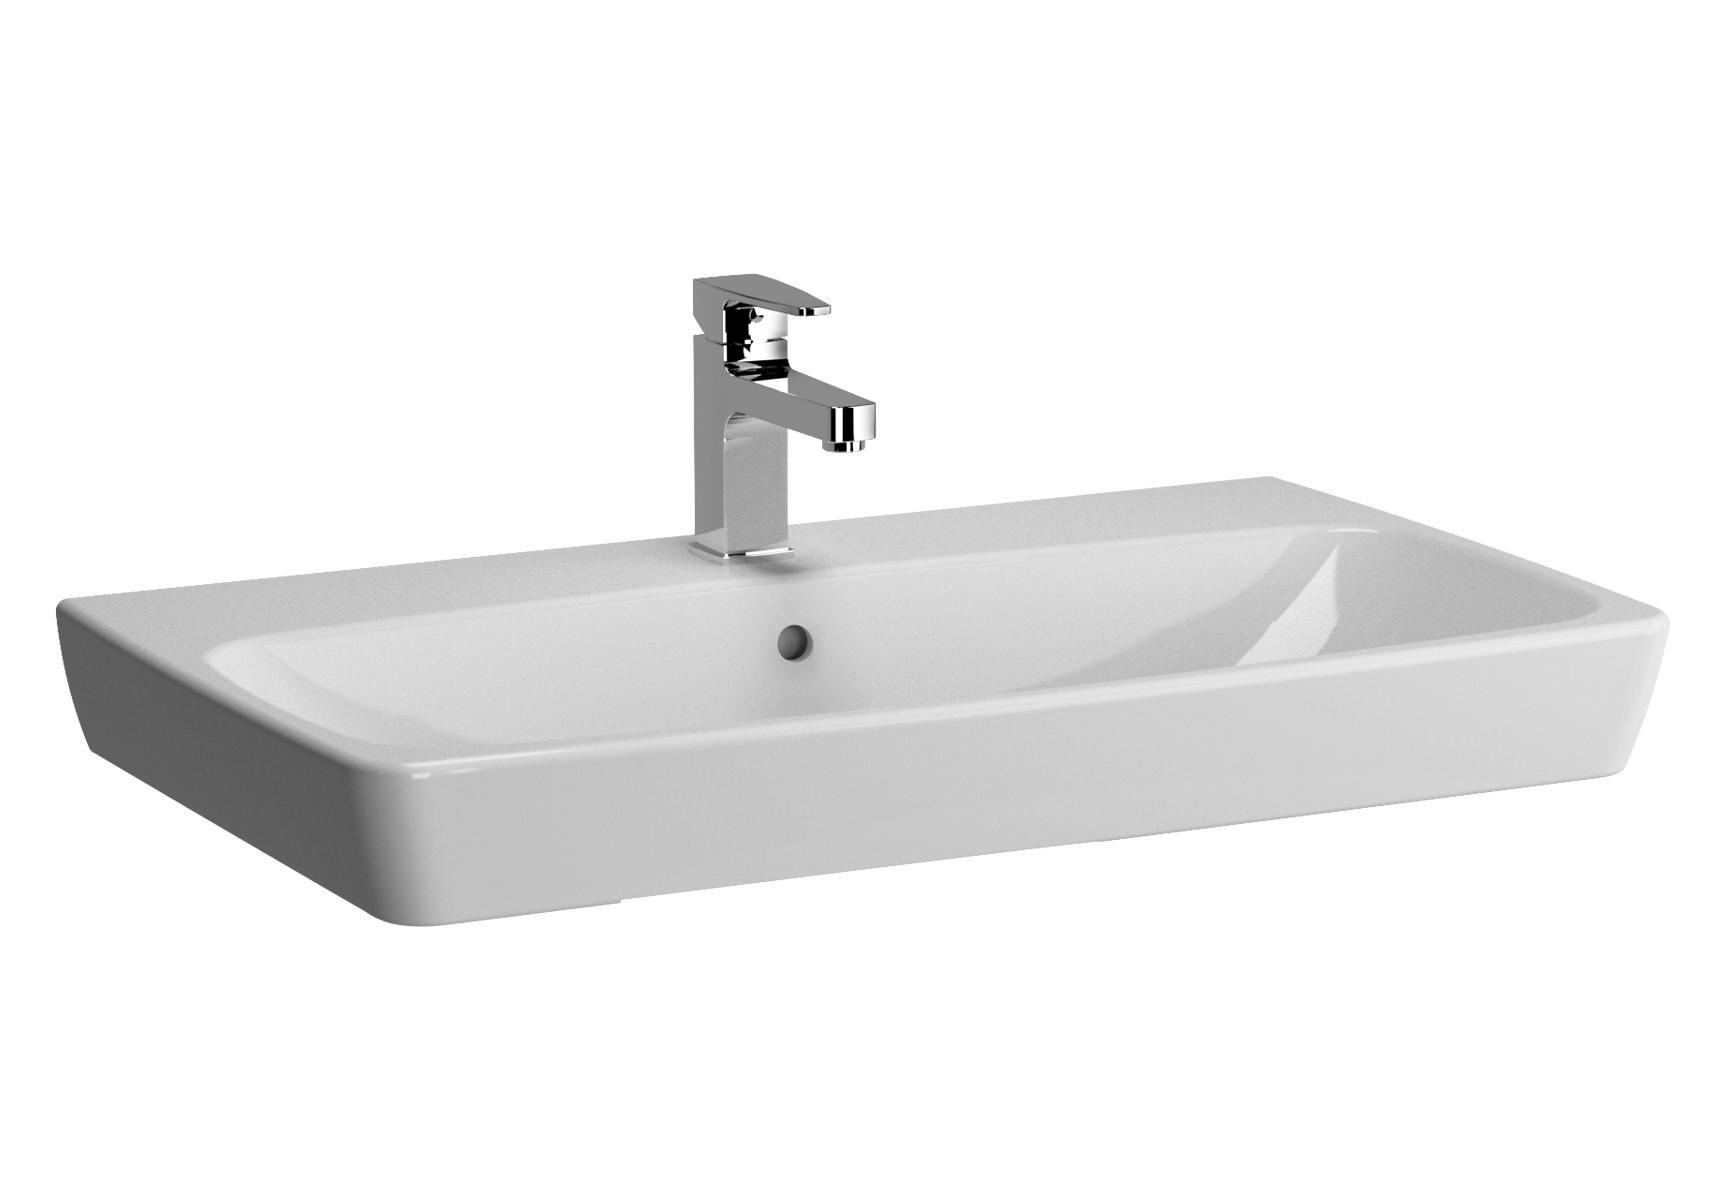 Metropole lavabo, 80 cm, 1 trou de robinet central, sans trop-plein